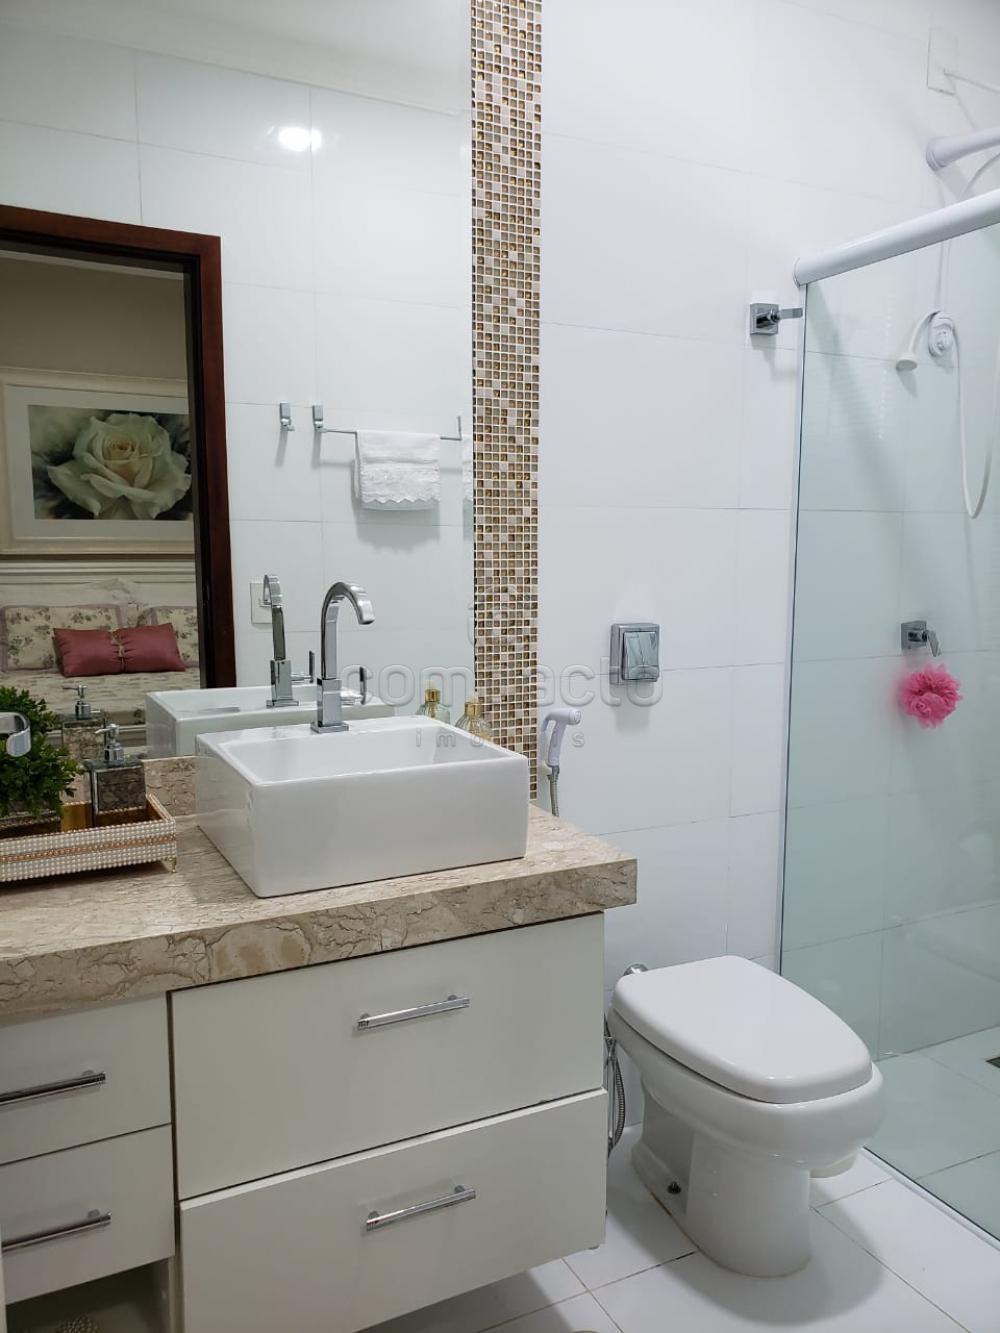 Comprar Casa / Padrão em São José do Rio Preto apenas R$ 740.000,00 - Foto 17